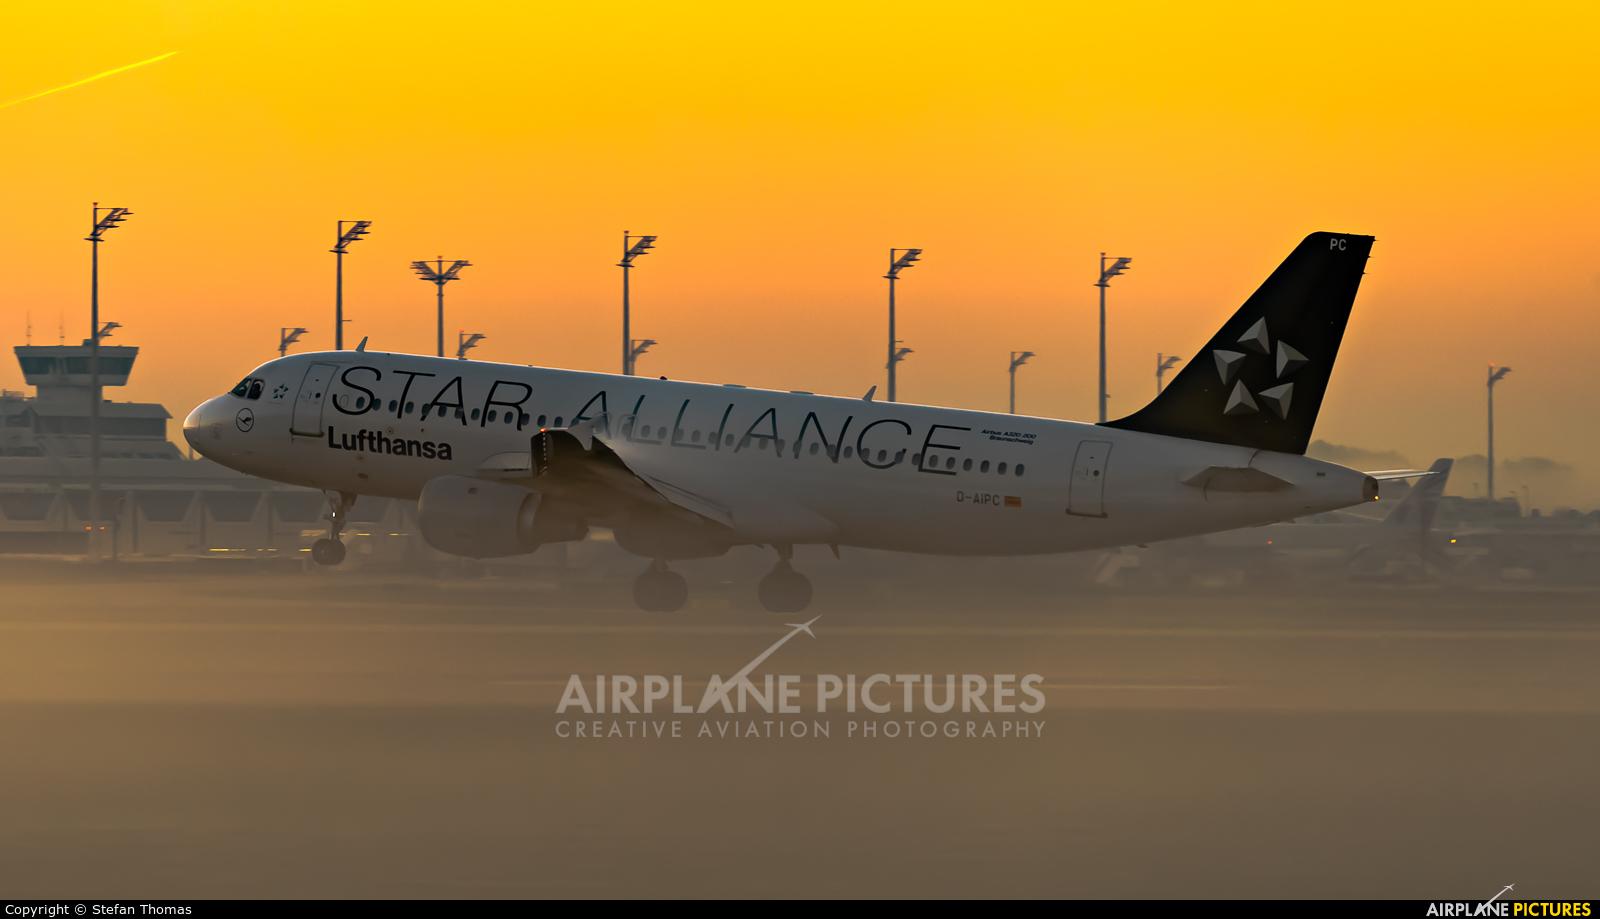 Lufthansa D-AIPC aircraft at Munich